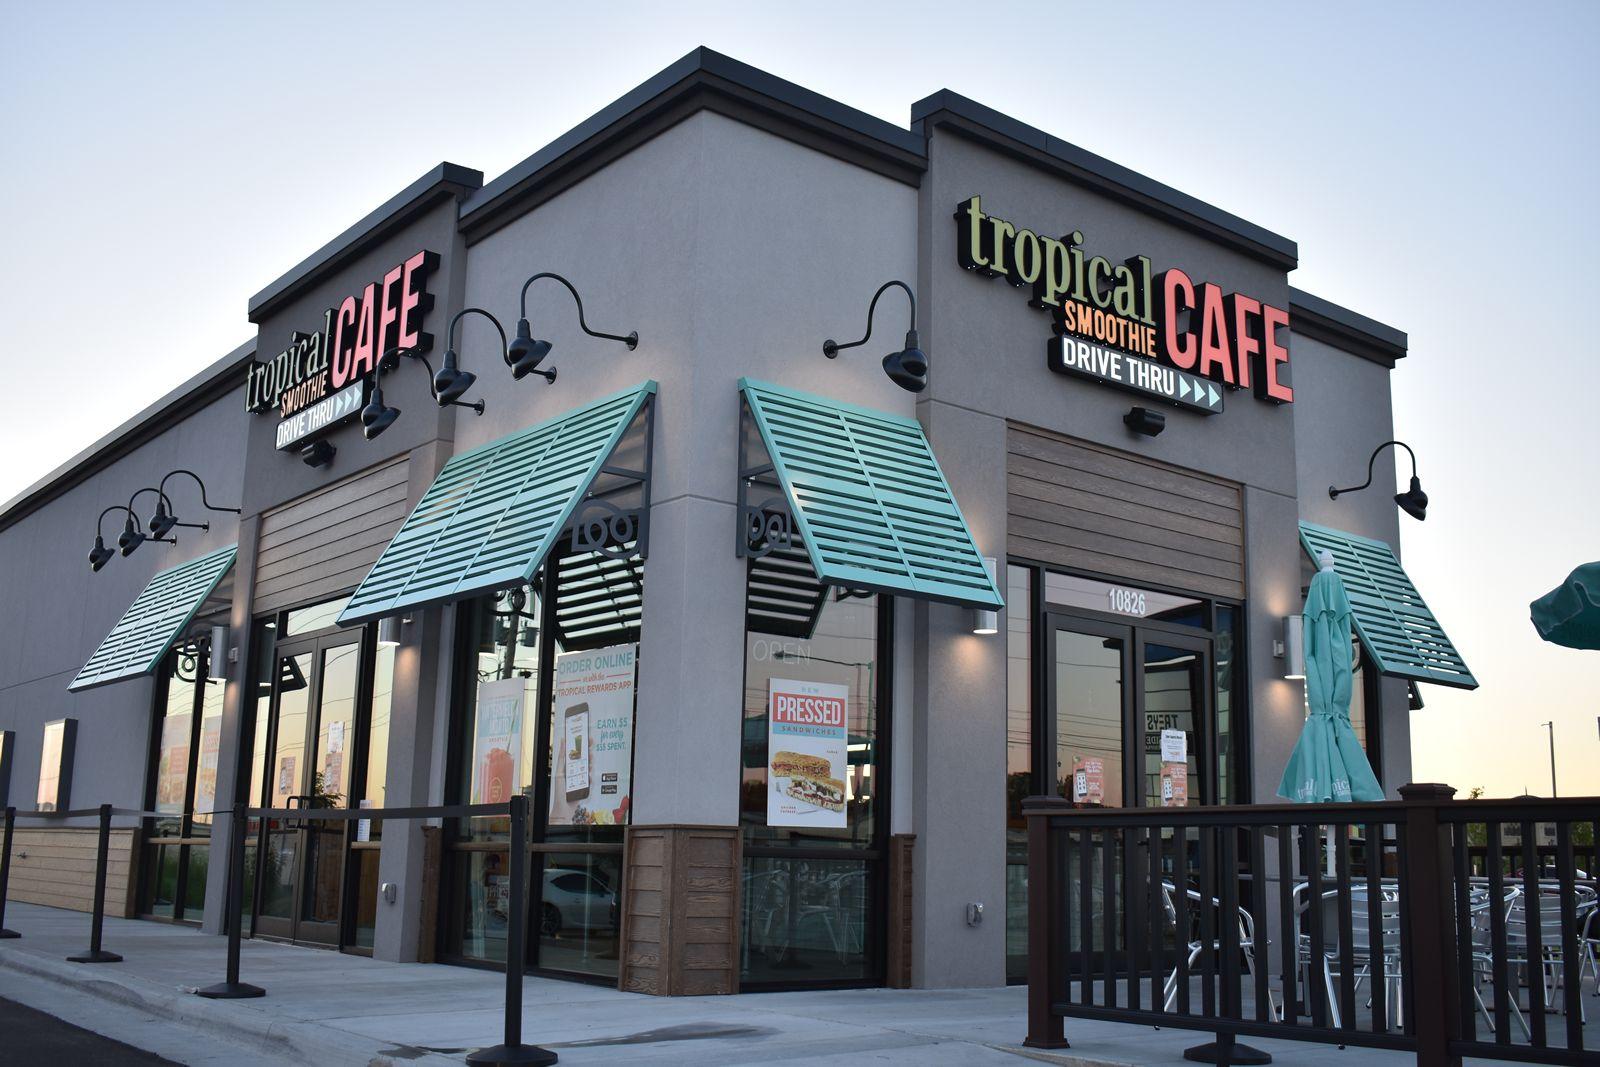 Tropical Smoothie Cafe affiche des résultats records au deuxième trimestre